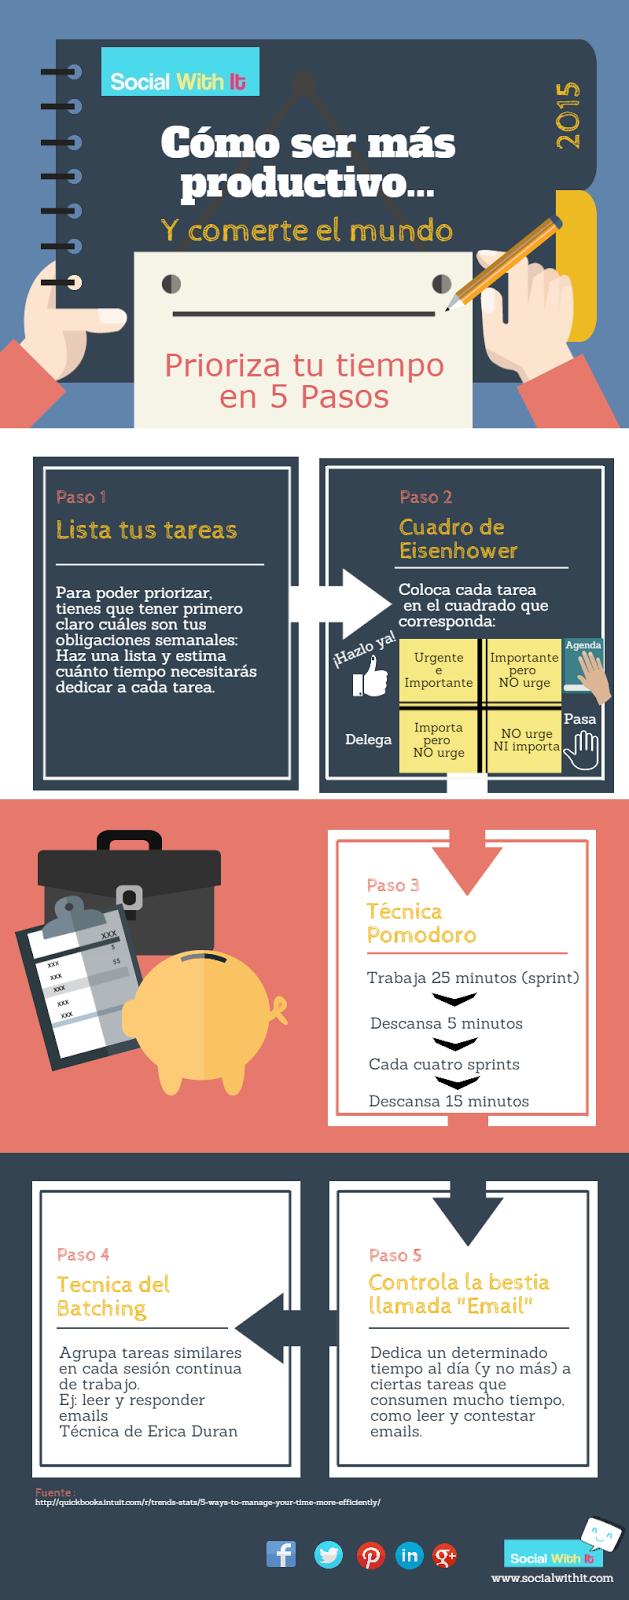 Cómo ser más productivo: Prioriza tu tiempo en 5 pasos. #Infografia #Infographic #Productividad